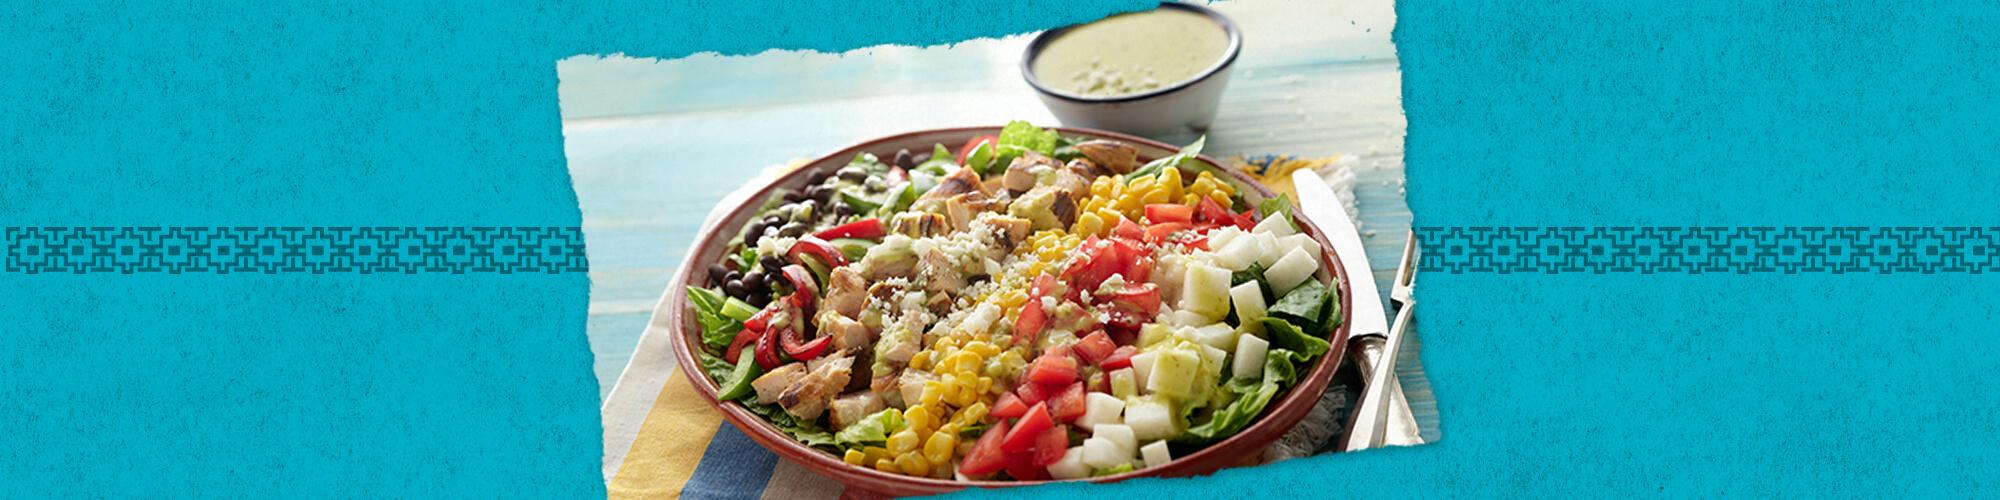 Salsas cobb salad